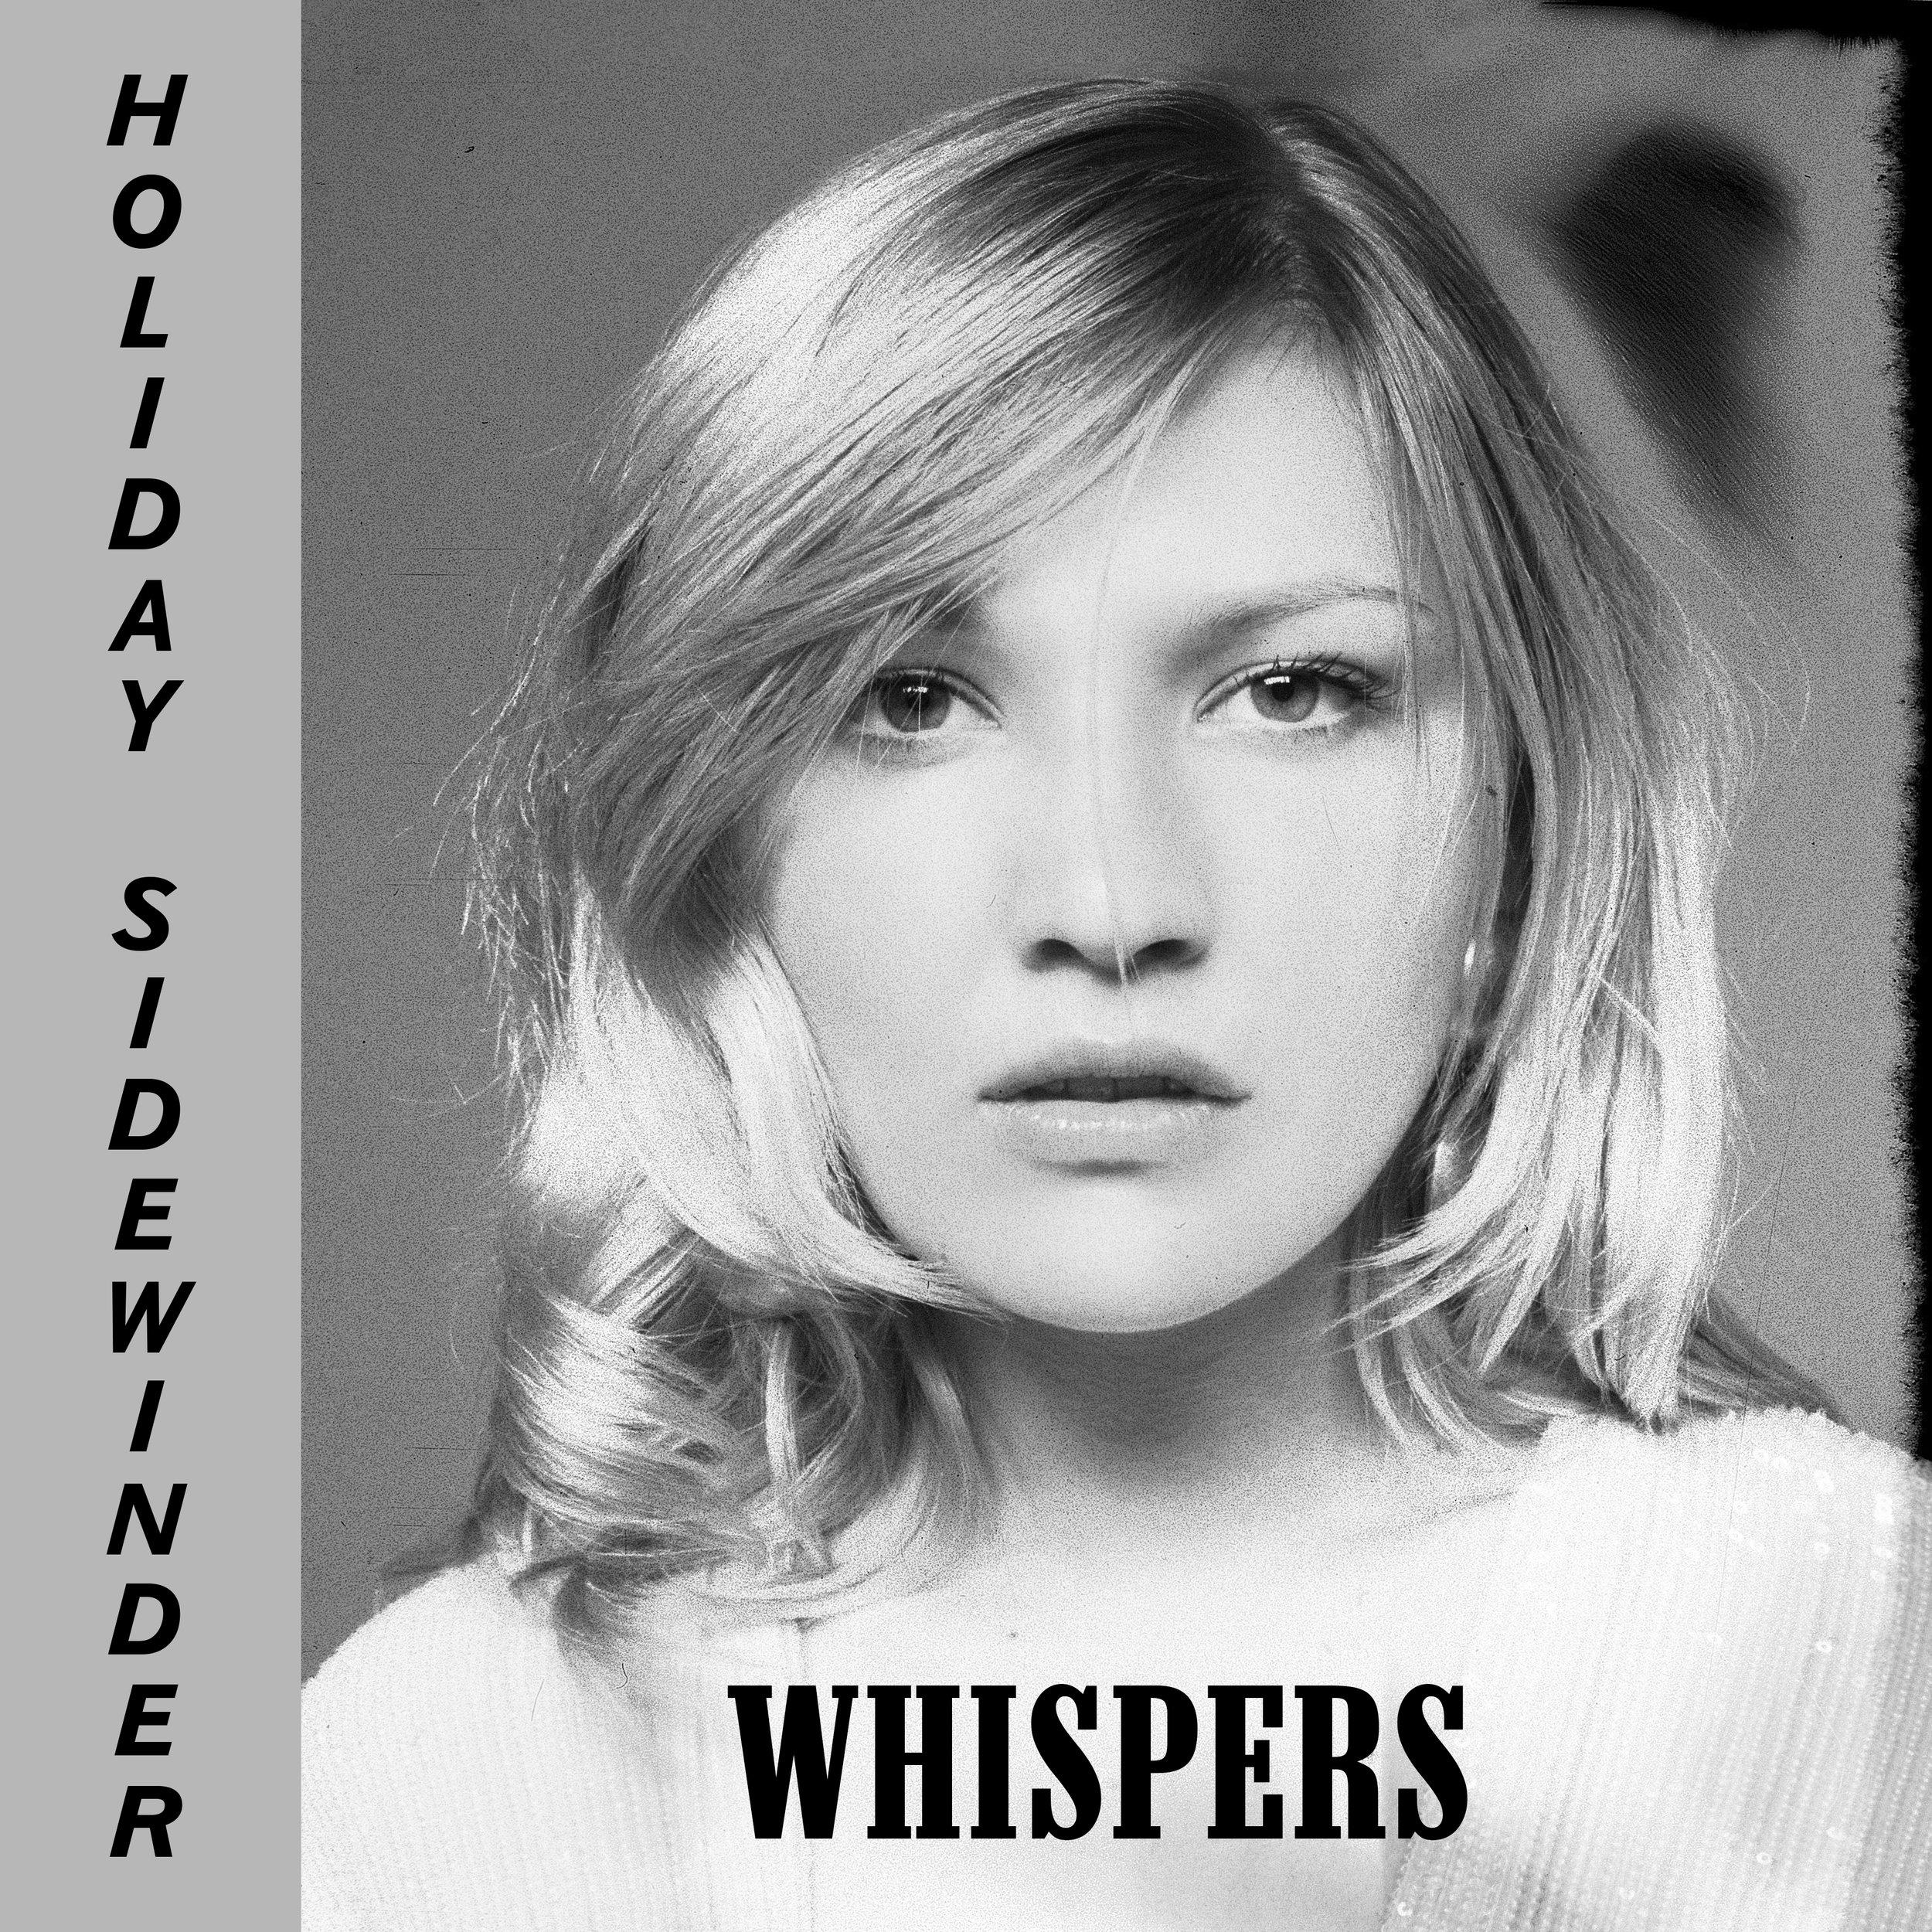 WHISPERS cover.jpg